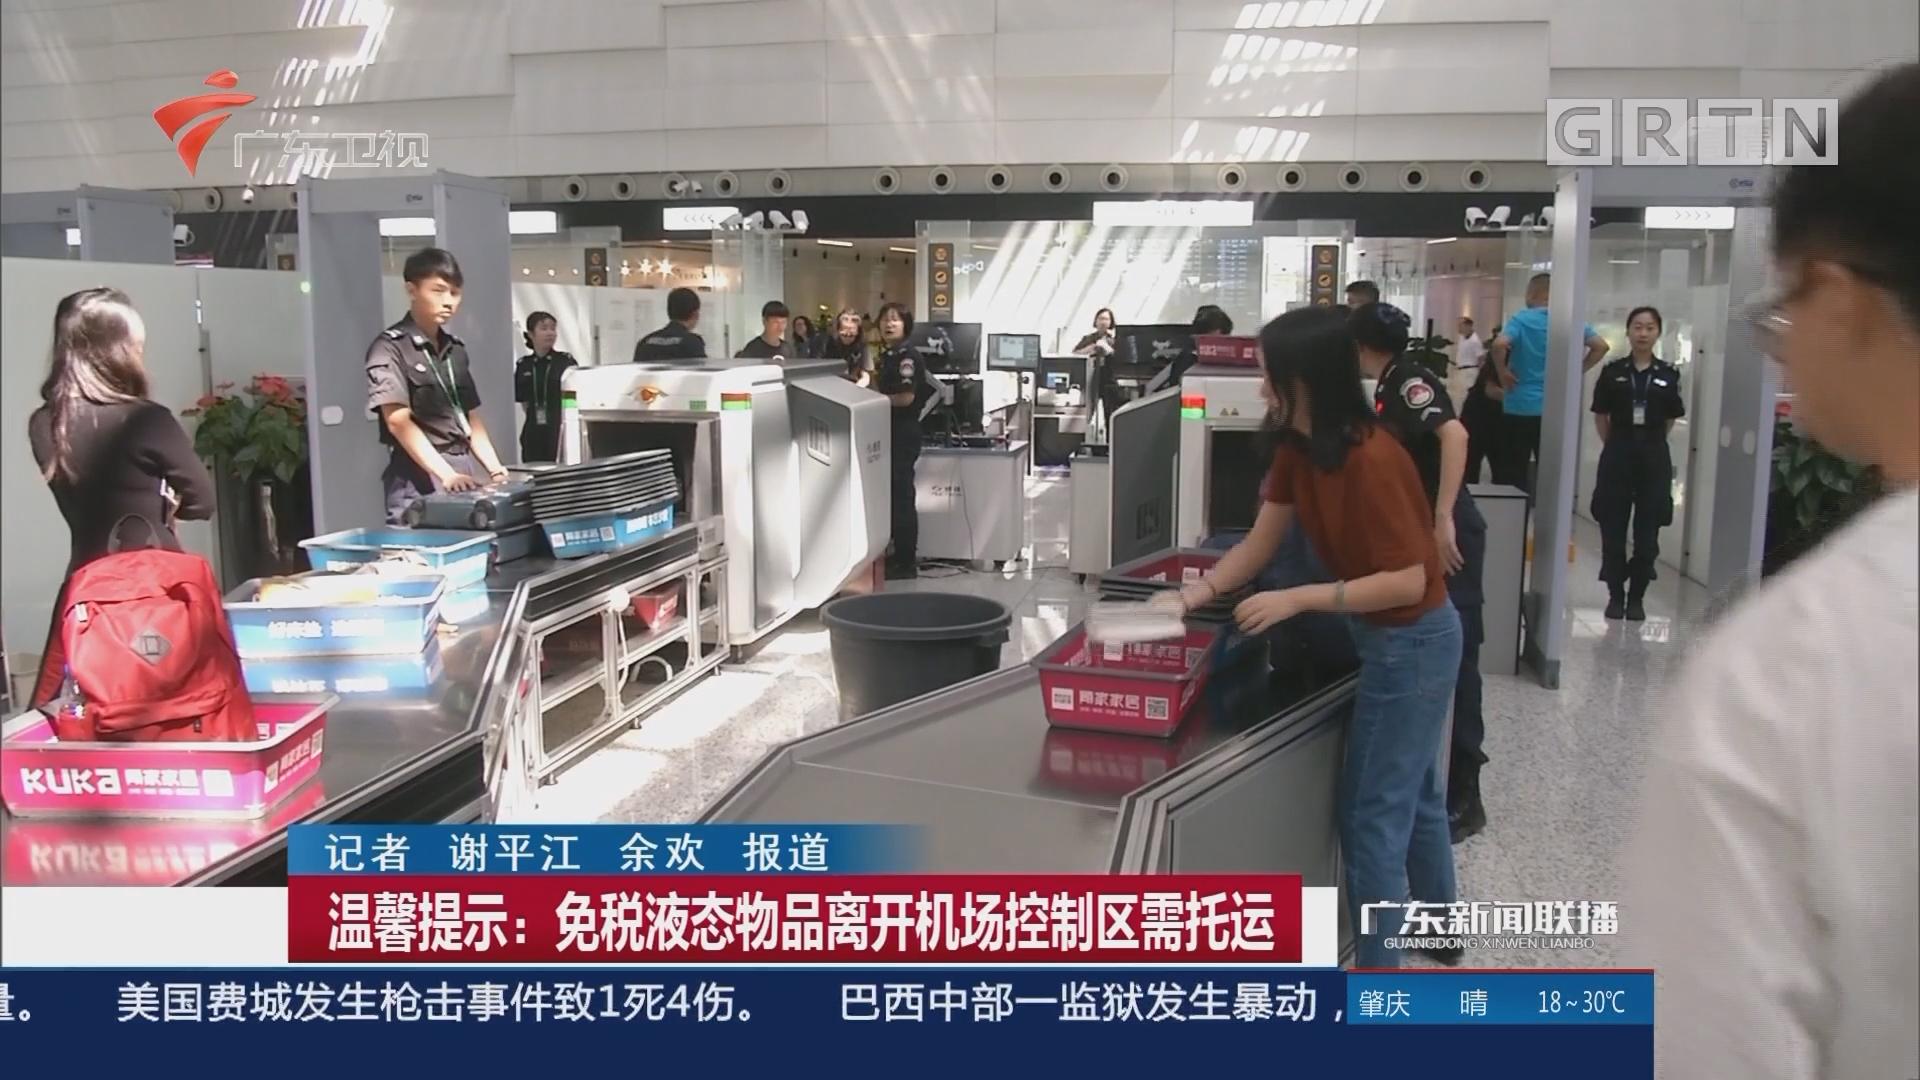 温馨提示:免税液态物品离开机场控制区需托运